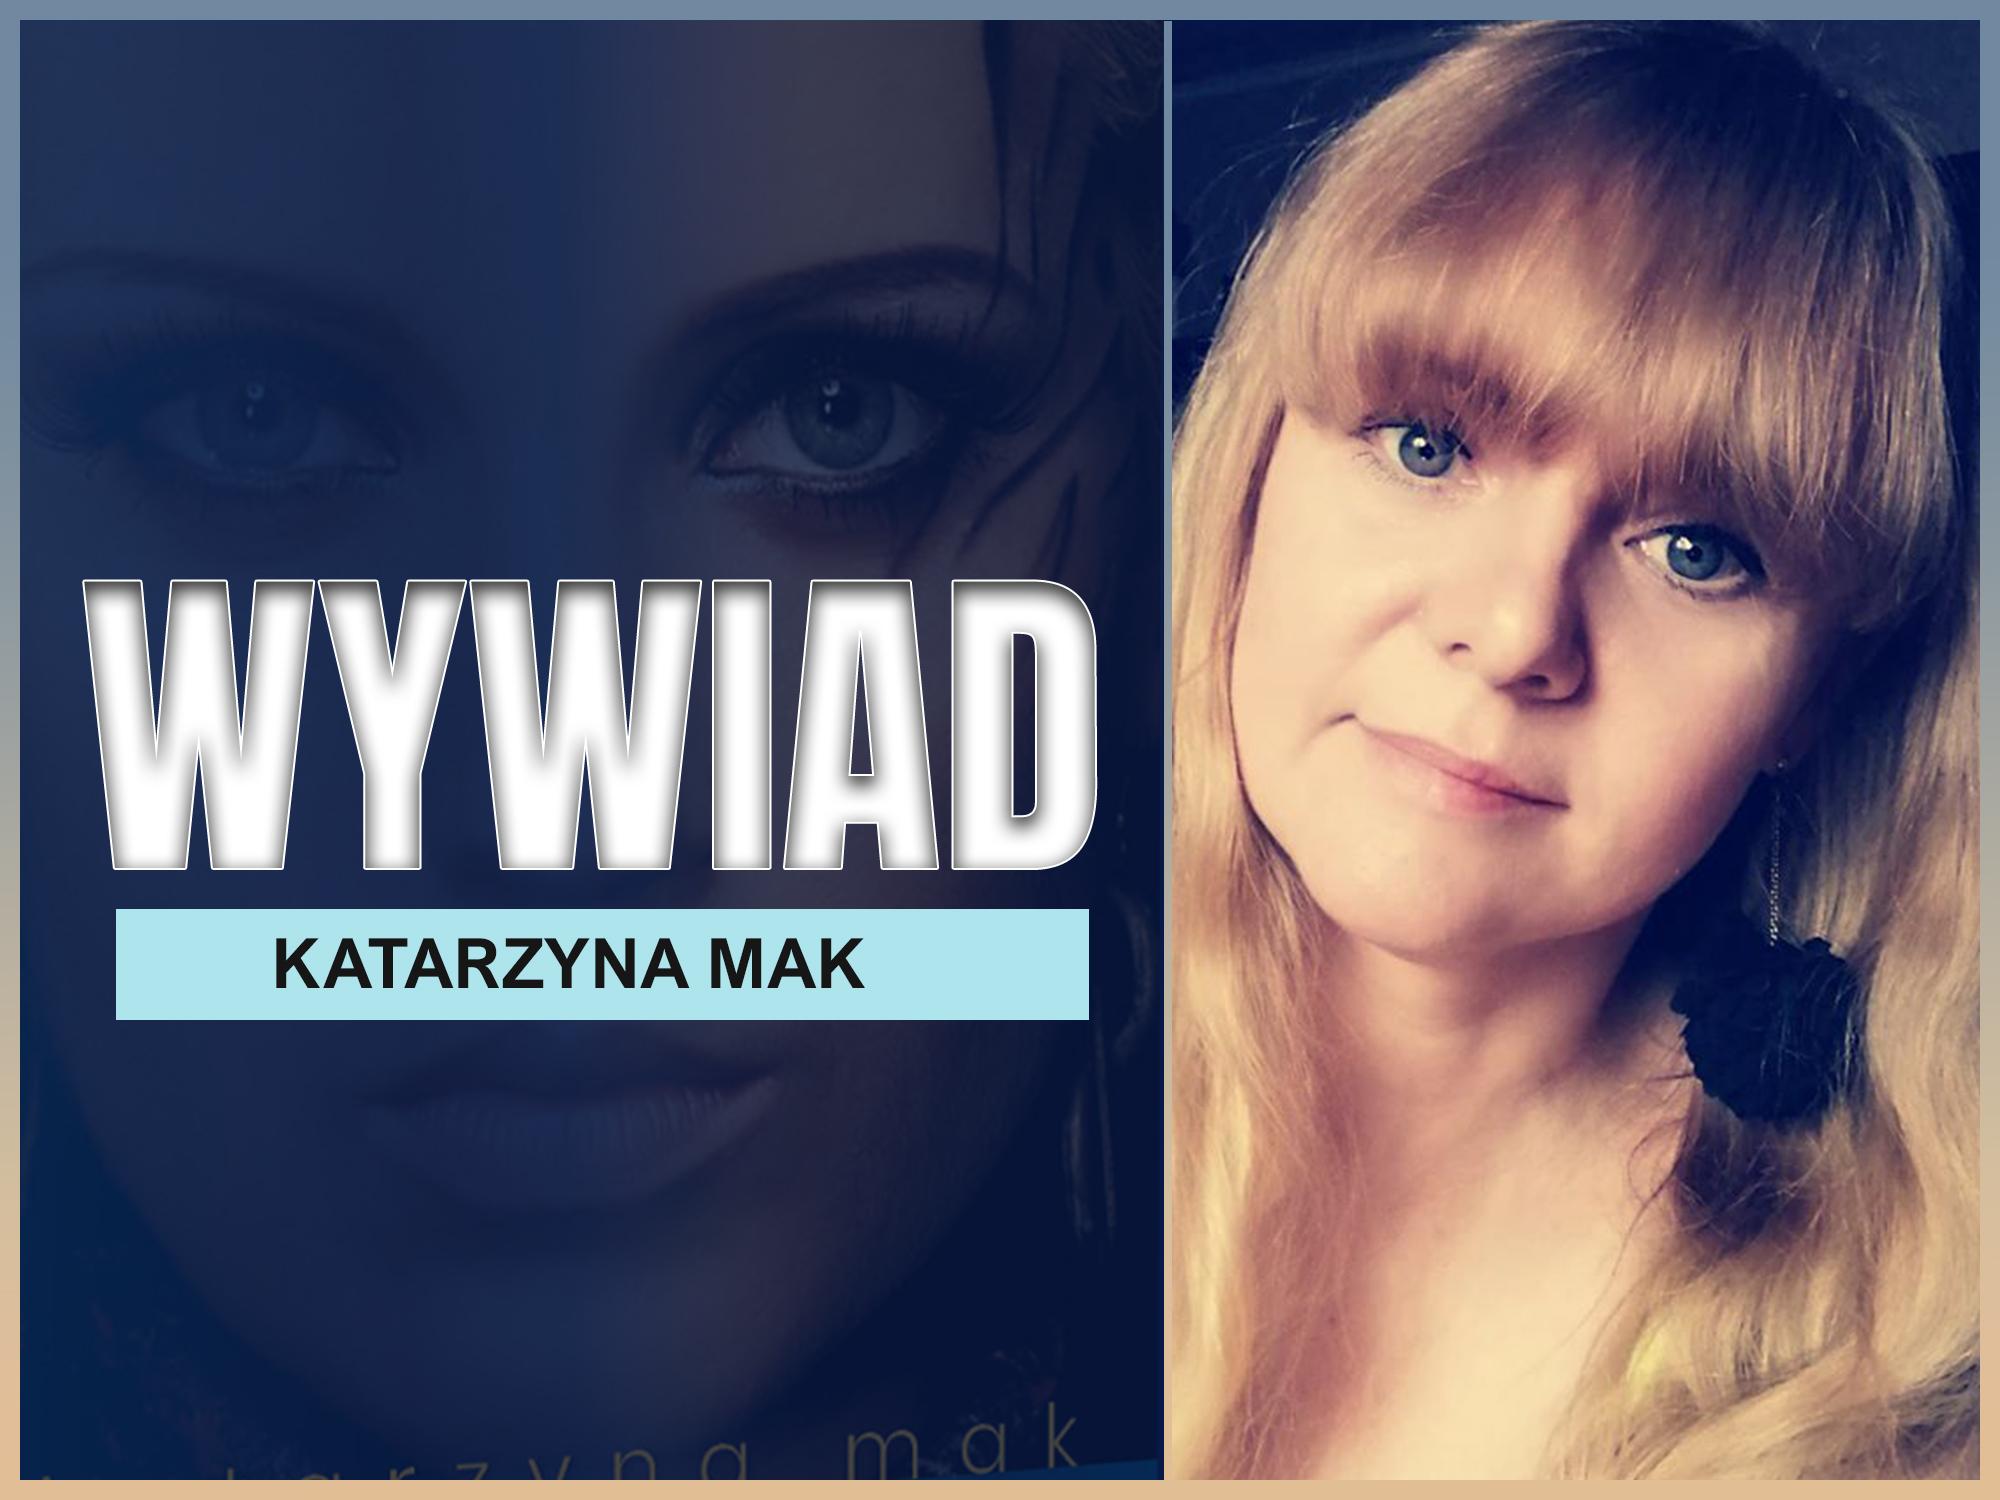 Wywiad - Katarzyna Mak 2 Zaczytanyksiazkoholik.pl